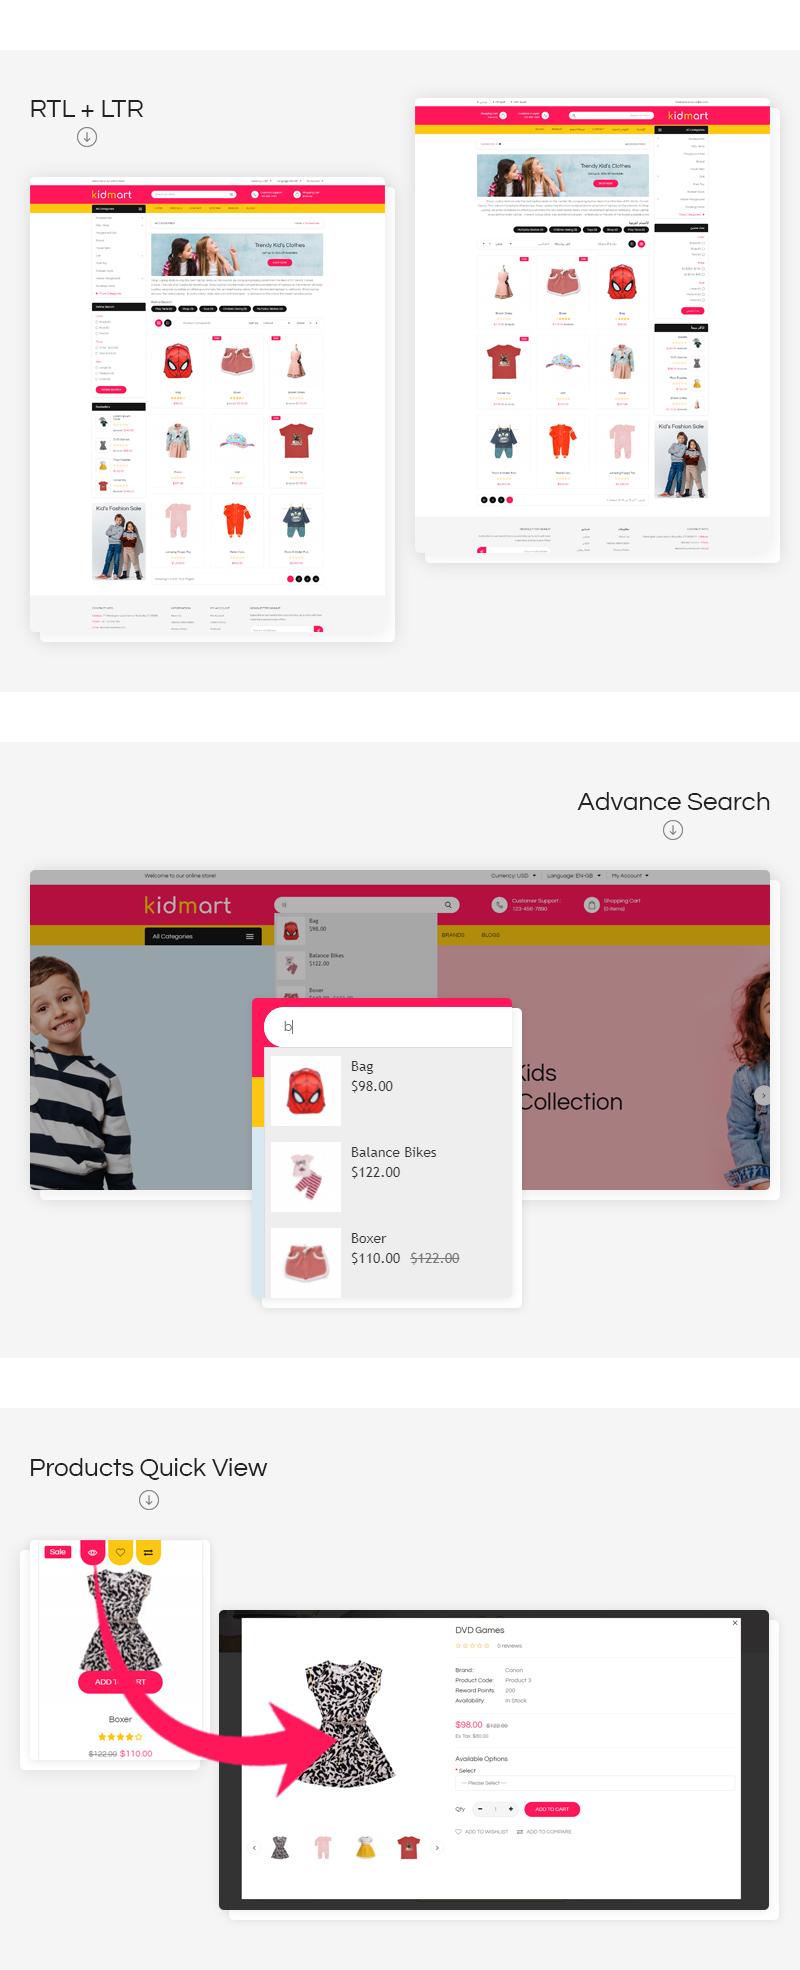 kidmart-features-2.jpg